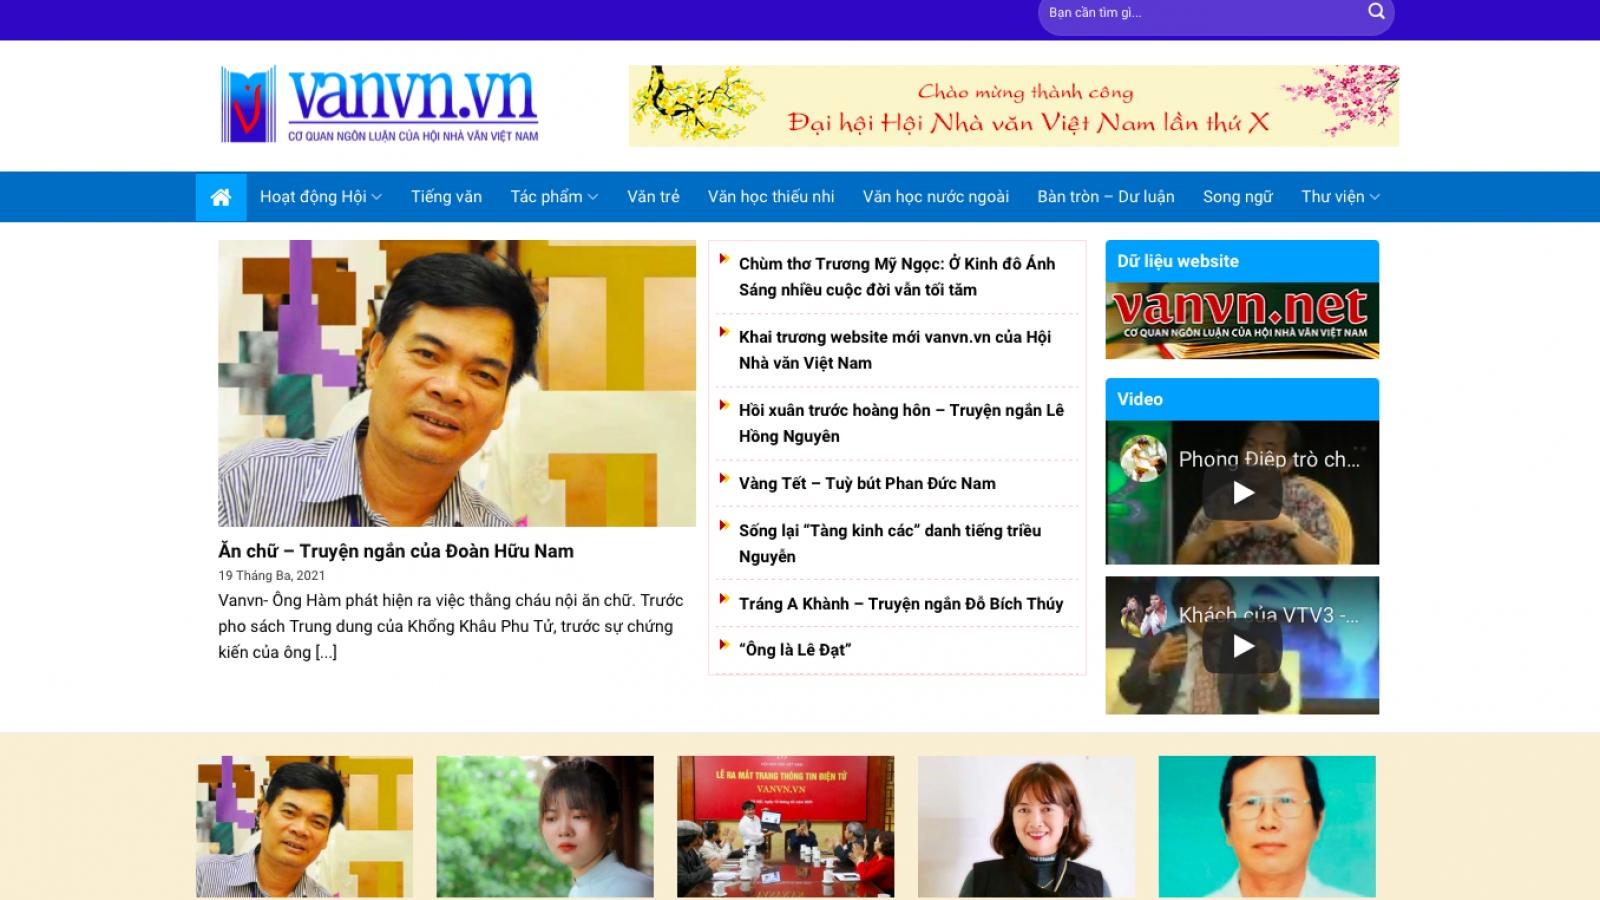 Hội Nhà văn Việt Nam ra mắt trang thông tin điện tử, thúc đẩy quảng bá văn học Việt